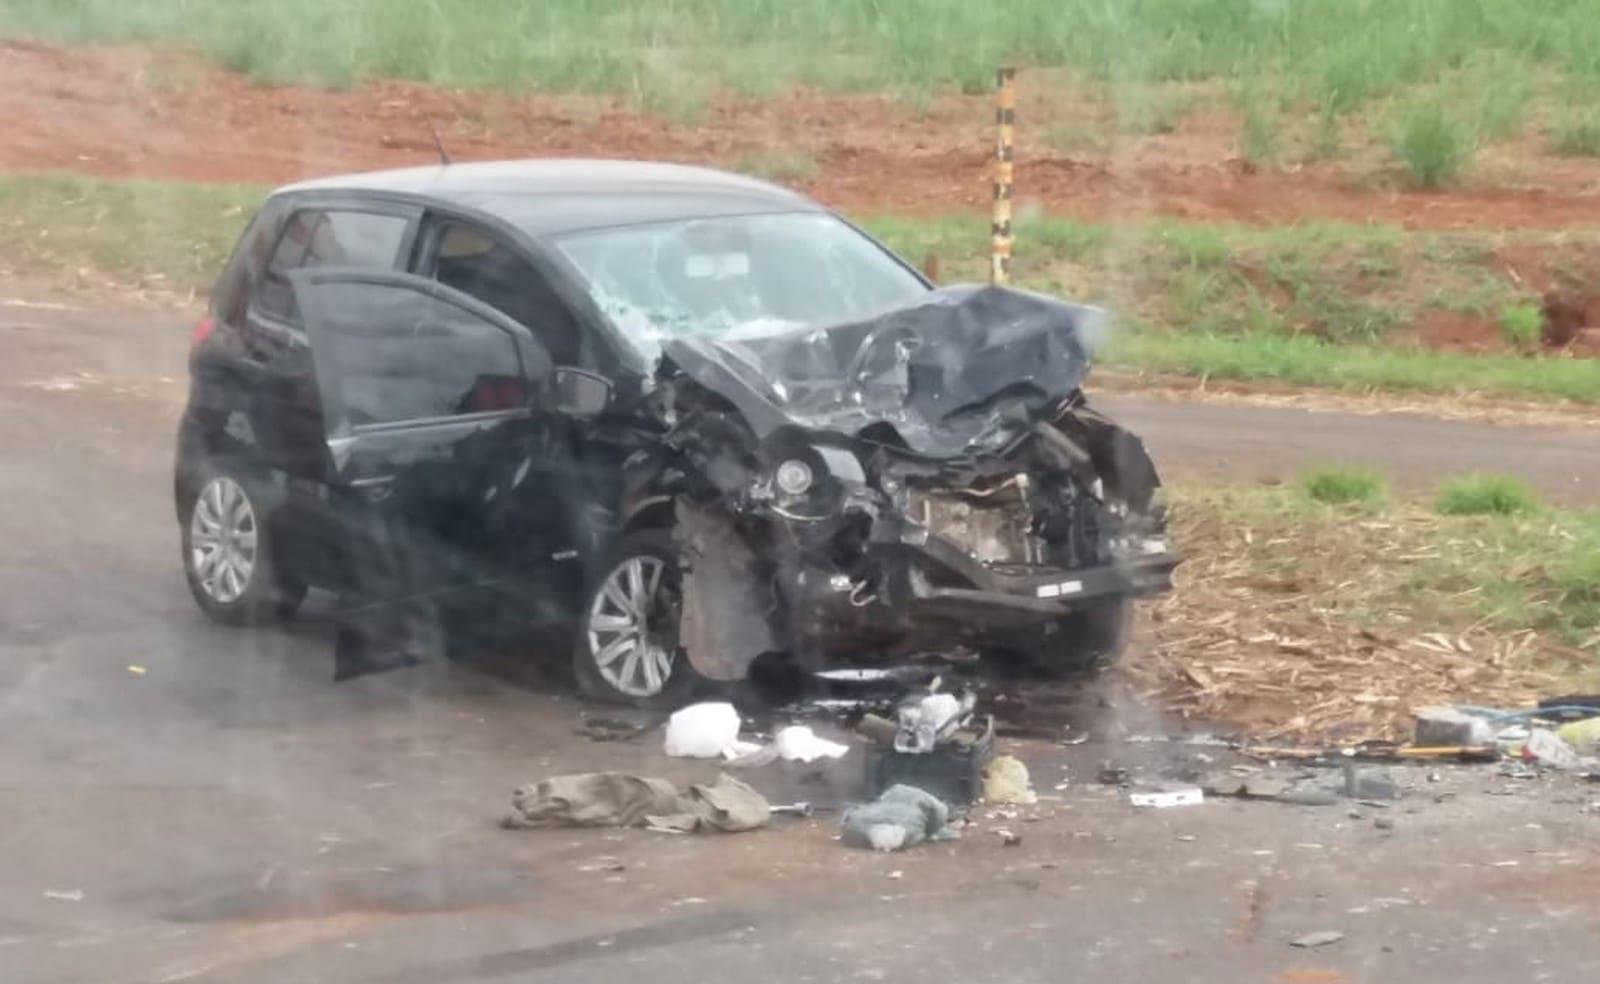 Carro ficou com a frente destruída e mulher acabou presa na ferragens e sofreu fratura na perna — Foto: Arquivo pessoal